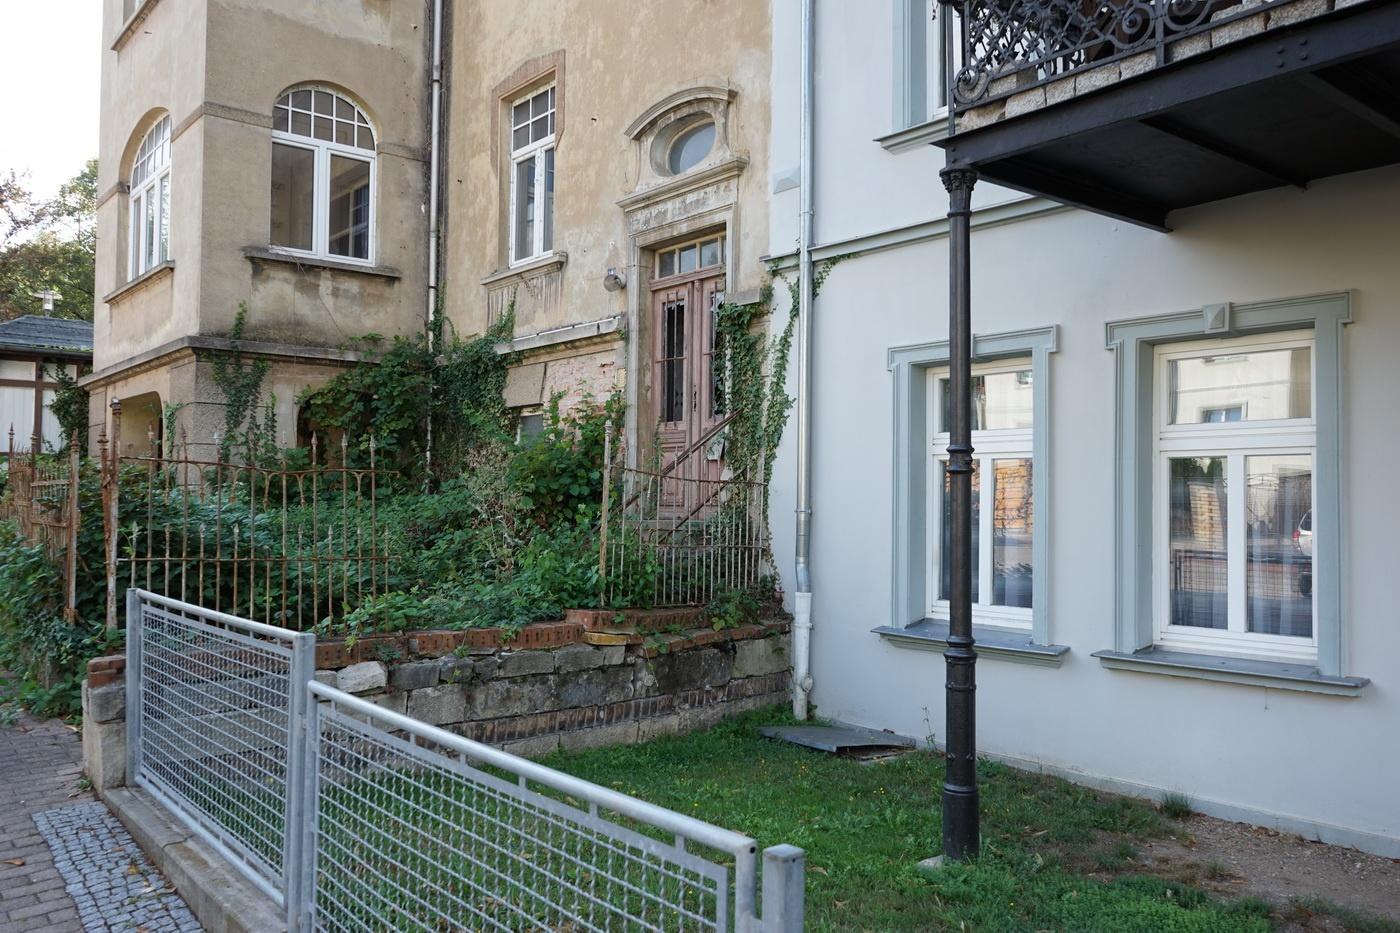 Übergänge und Zwischenzeiten zwischen DDR und BRD in der Dokumentarfotografie | dokumentarfotografie von mahlke - street62